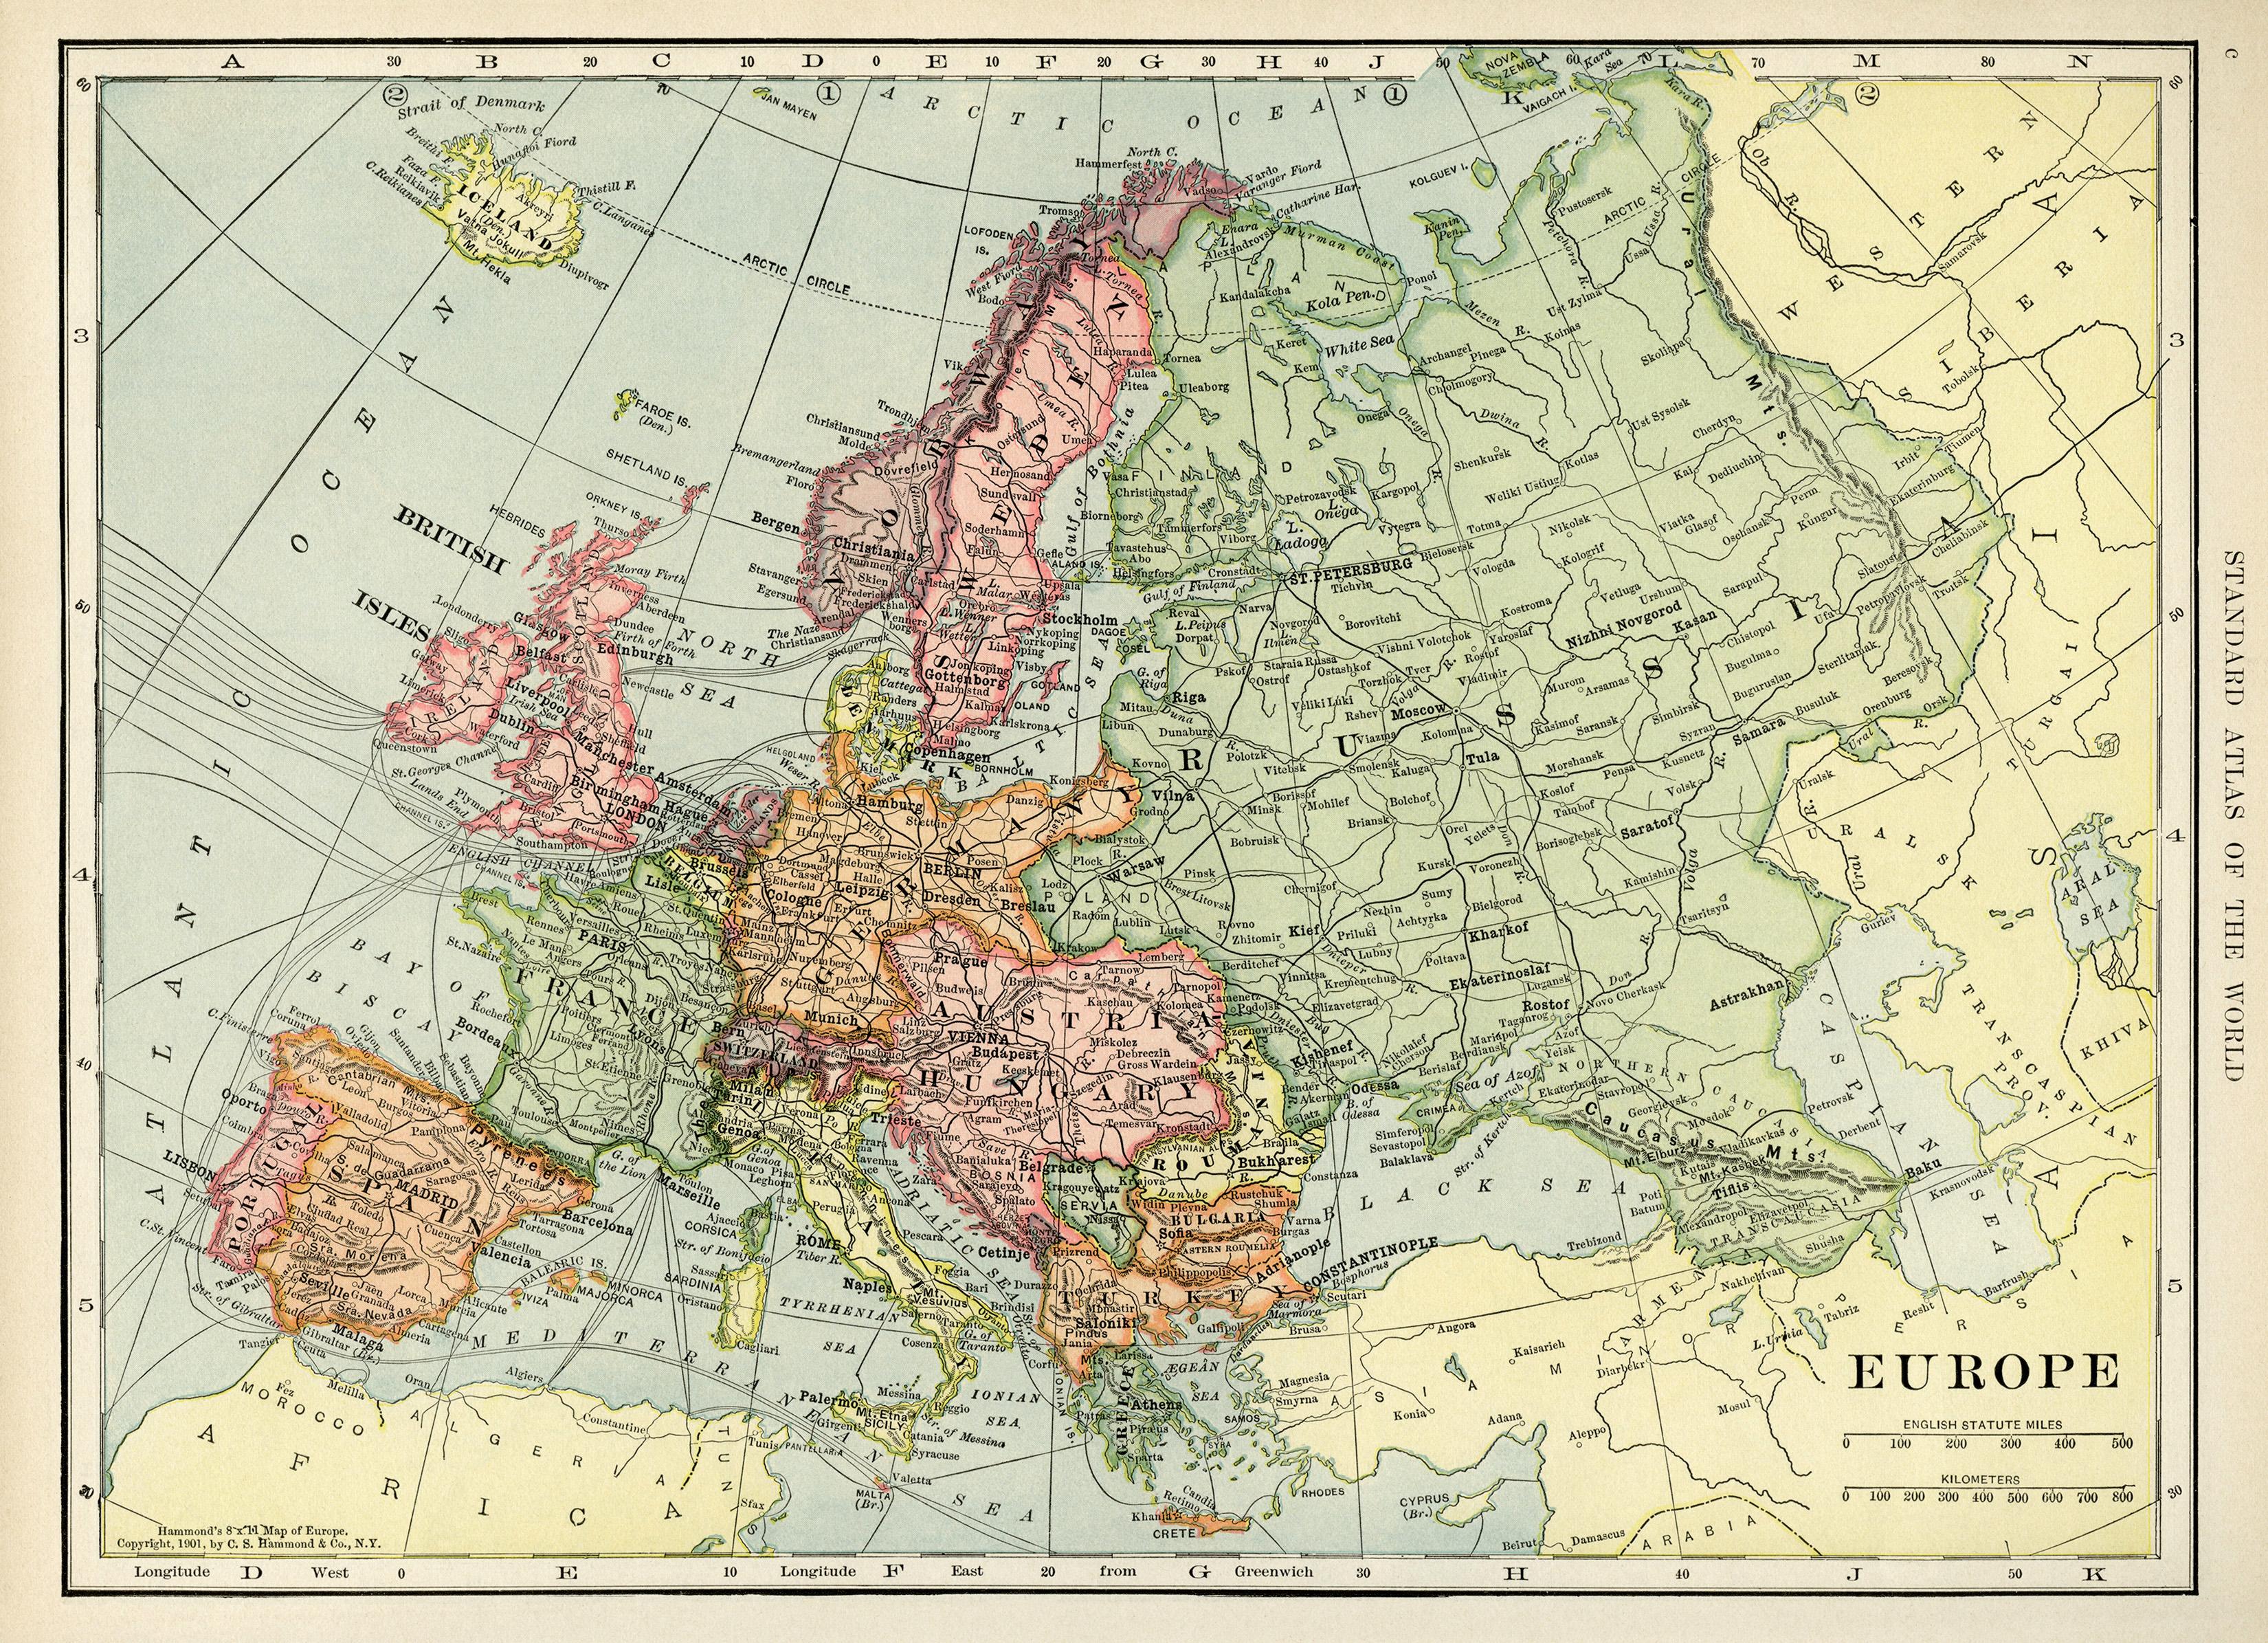 Map Of Europe Free Vintage Image Old Design Shop Blog